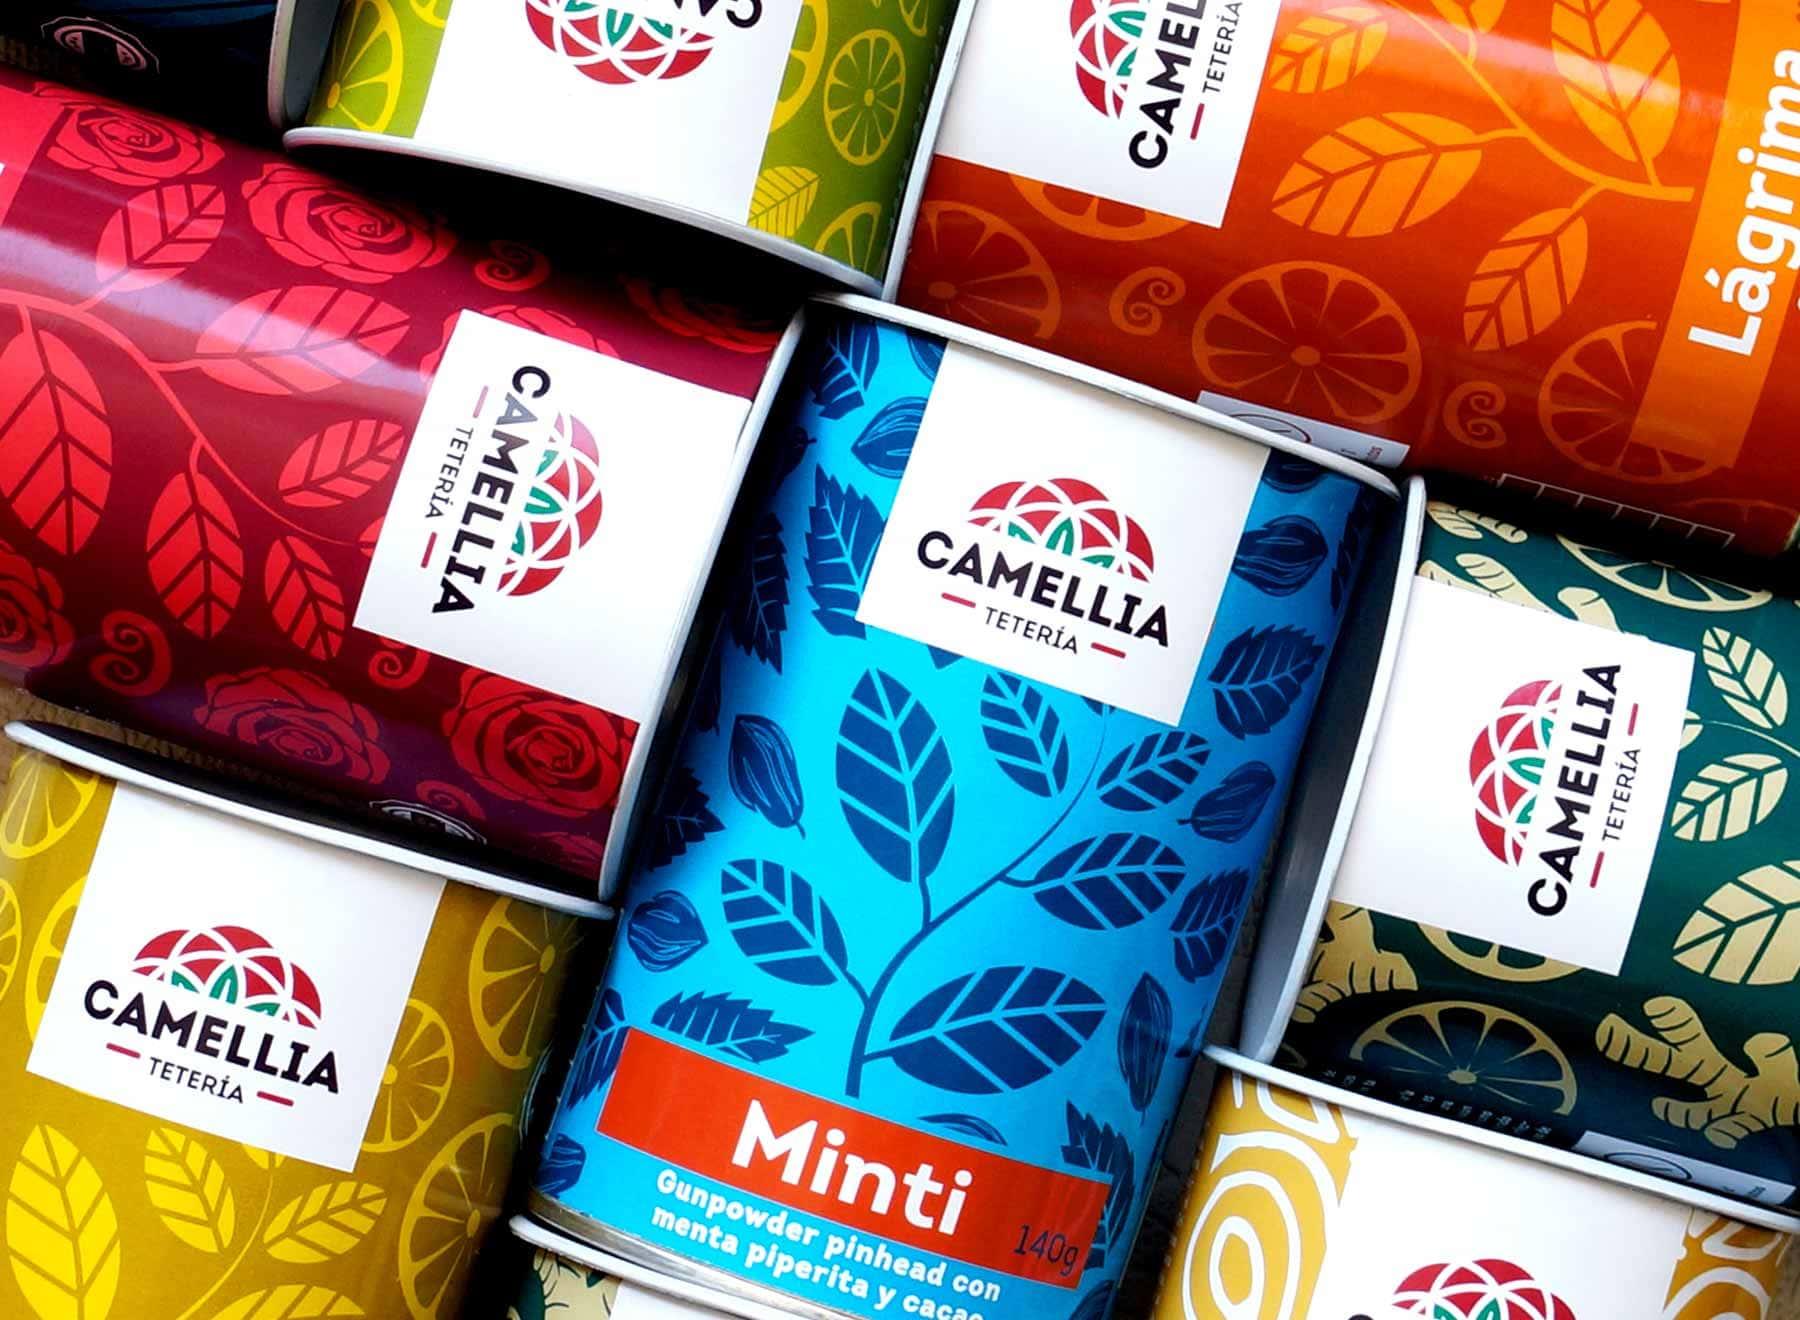 té teteria camellia tarros tea te